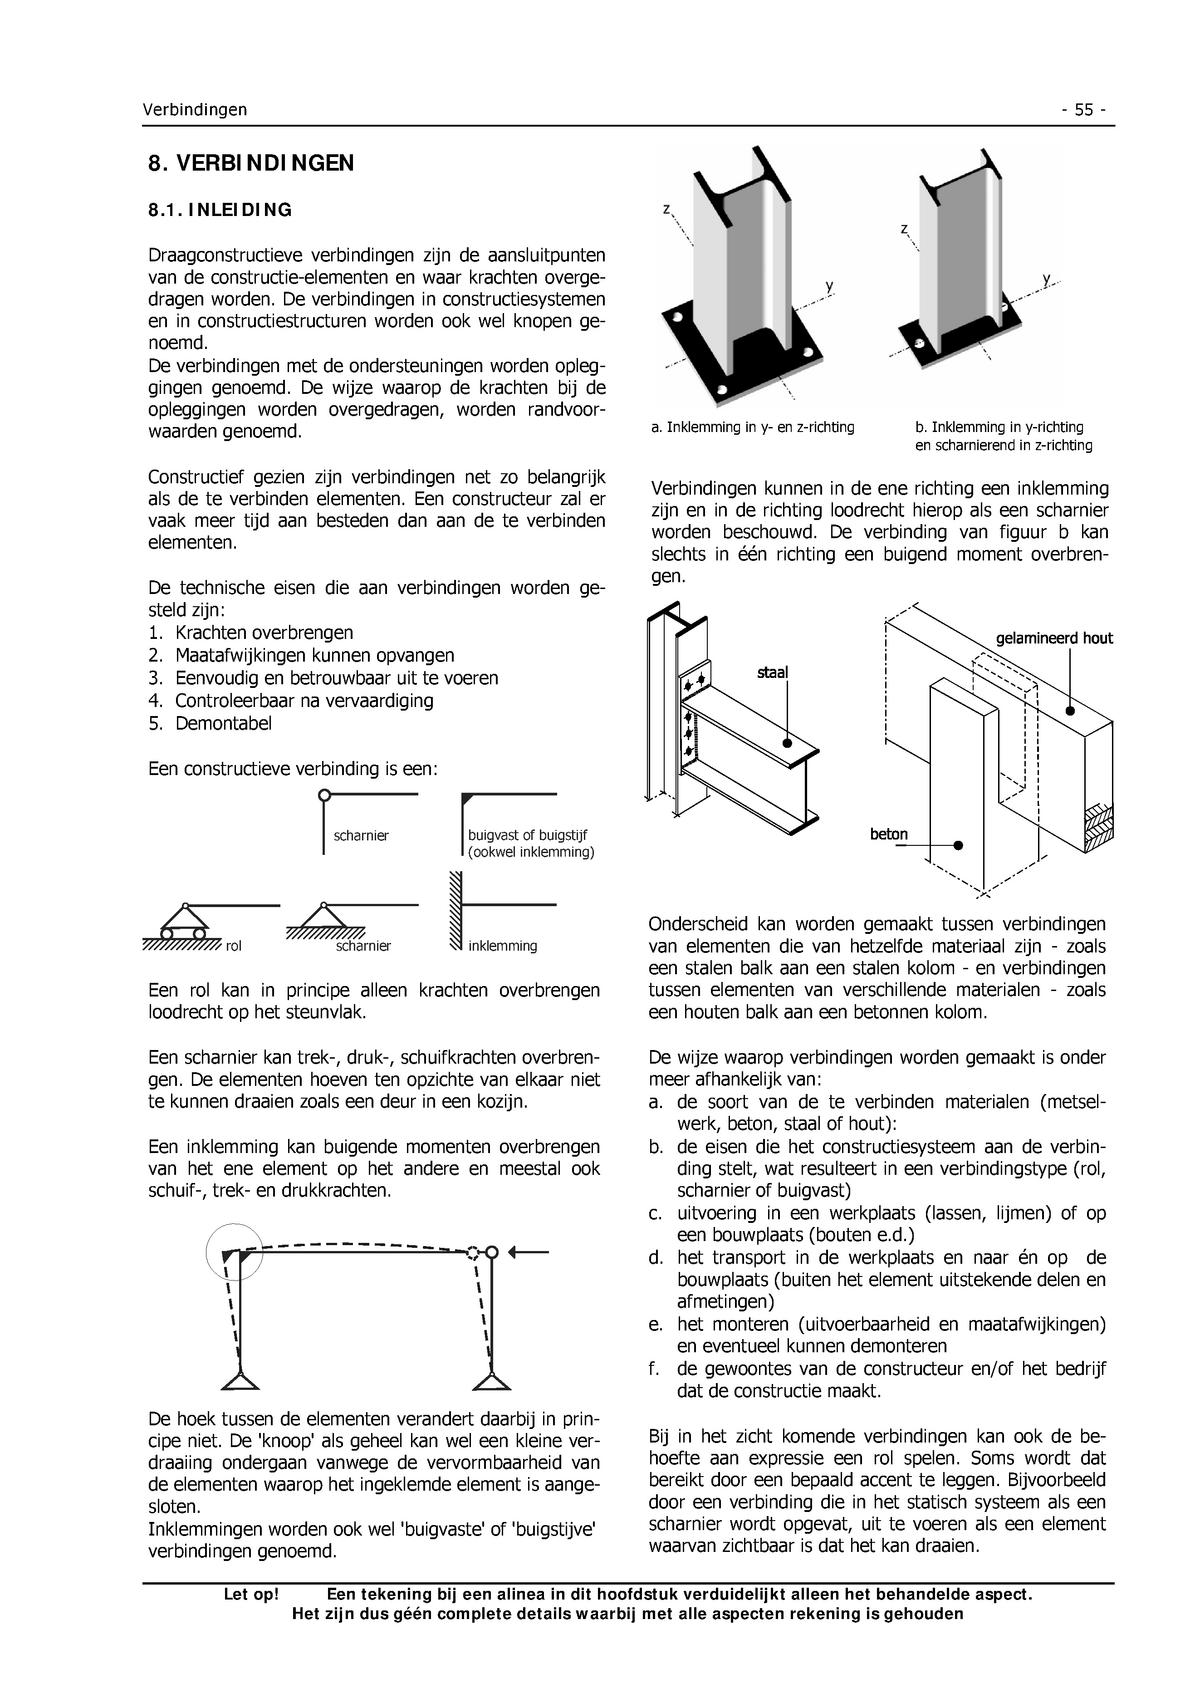 Hoofdstuk 8 Verbindingen Technologie 3 Constructies